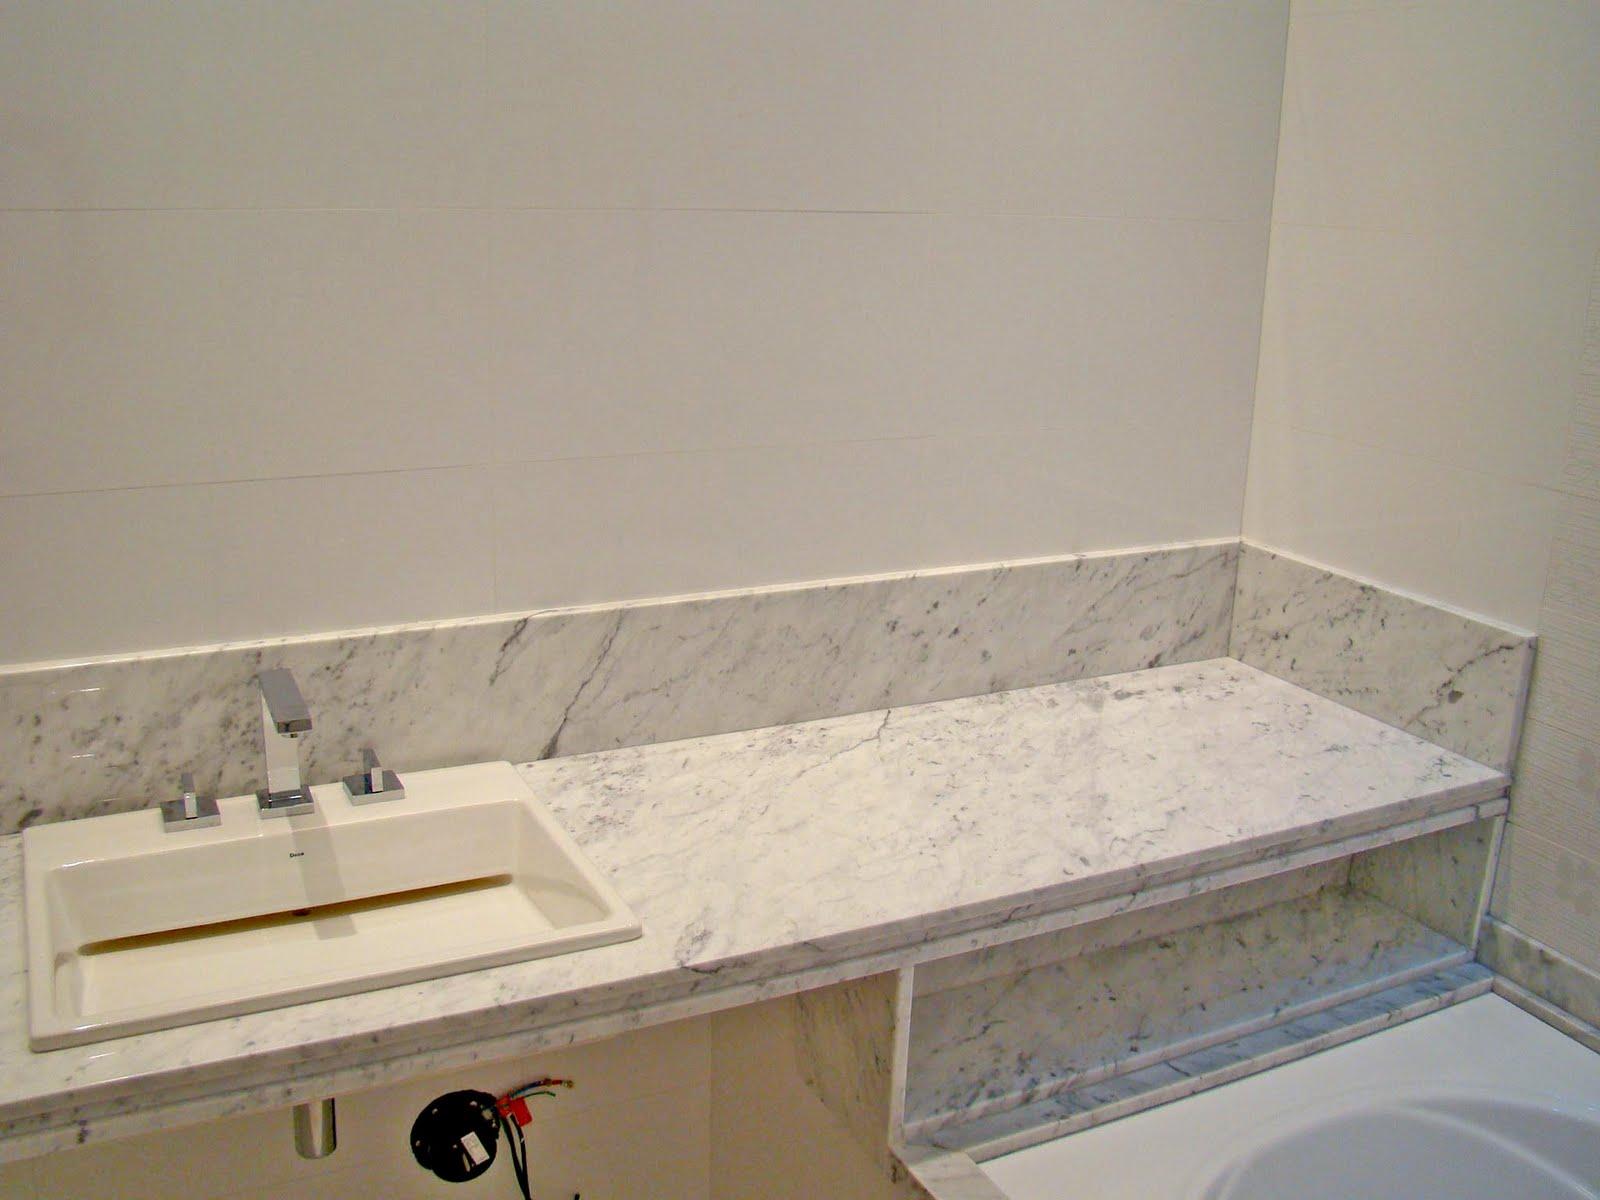 Junho 2011 DECORADOR DE ALUGUEL #644323 1600x1200 Armario Banheiro Suspenso